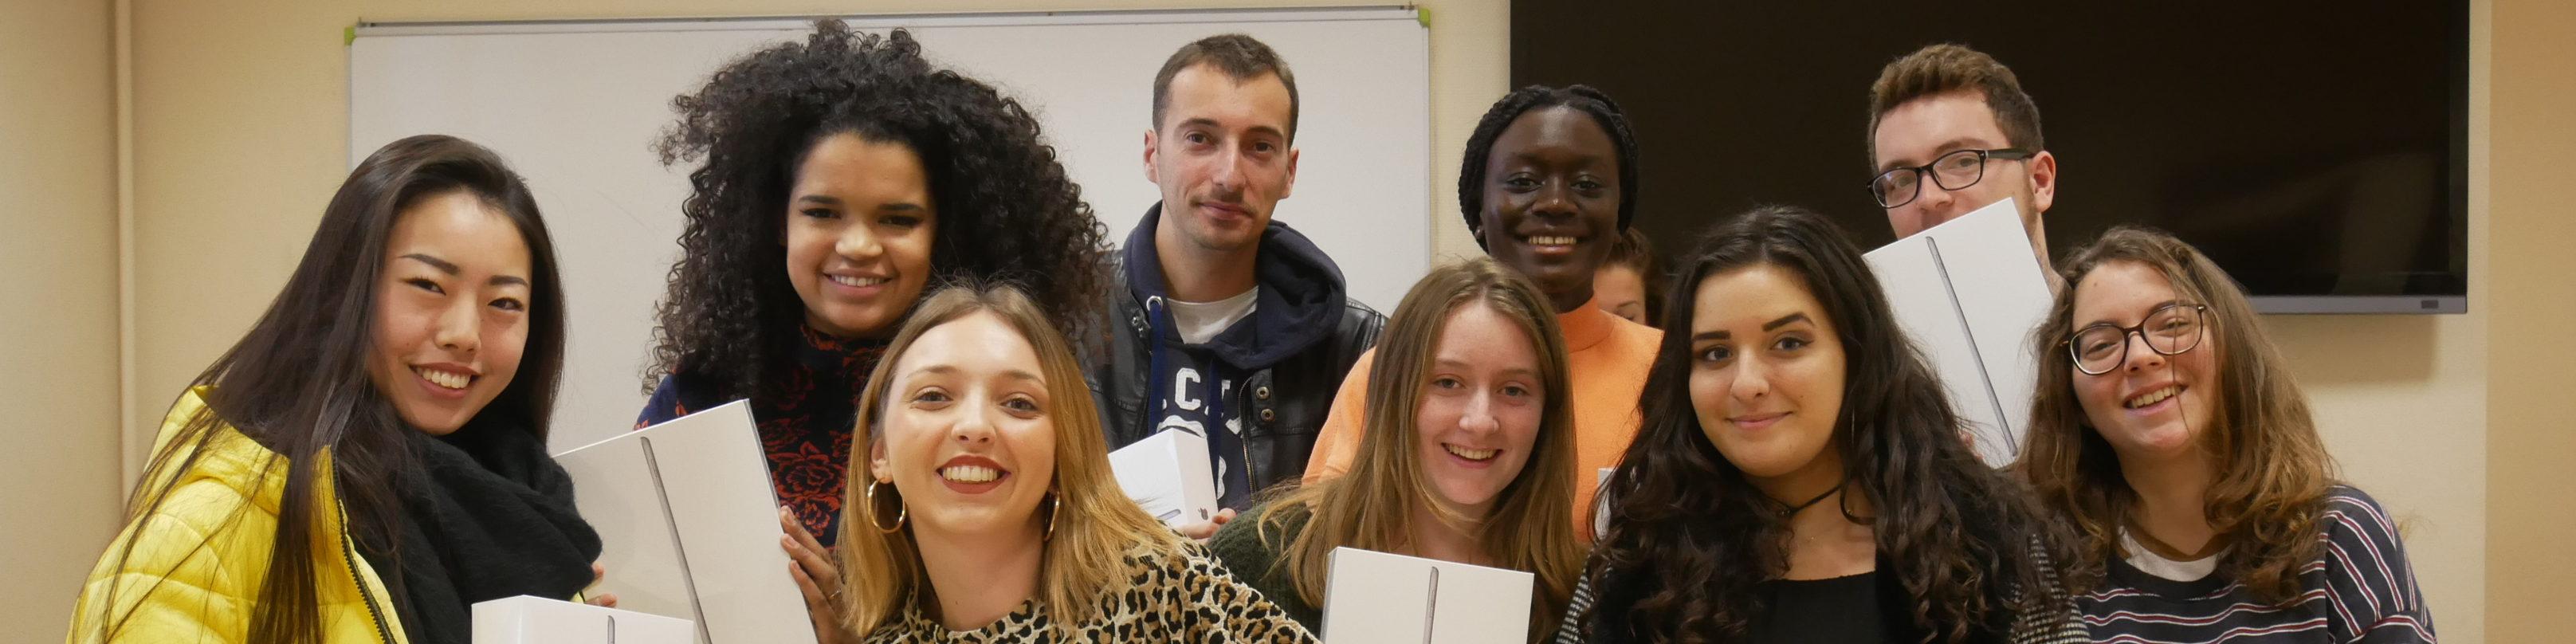 Cours-diderot-formations-superieures-bts-bachelor-master-lille-paris-toulouse-lyon-montpellier-marseille-aix-en-provence-nice-etudiants-ipad-apple-cadeau